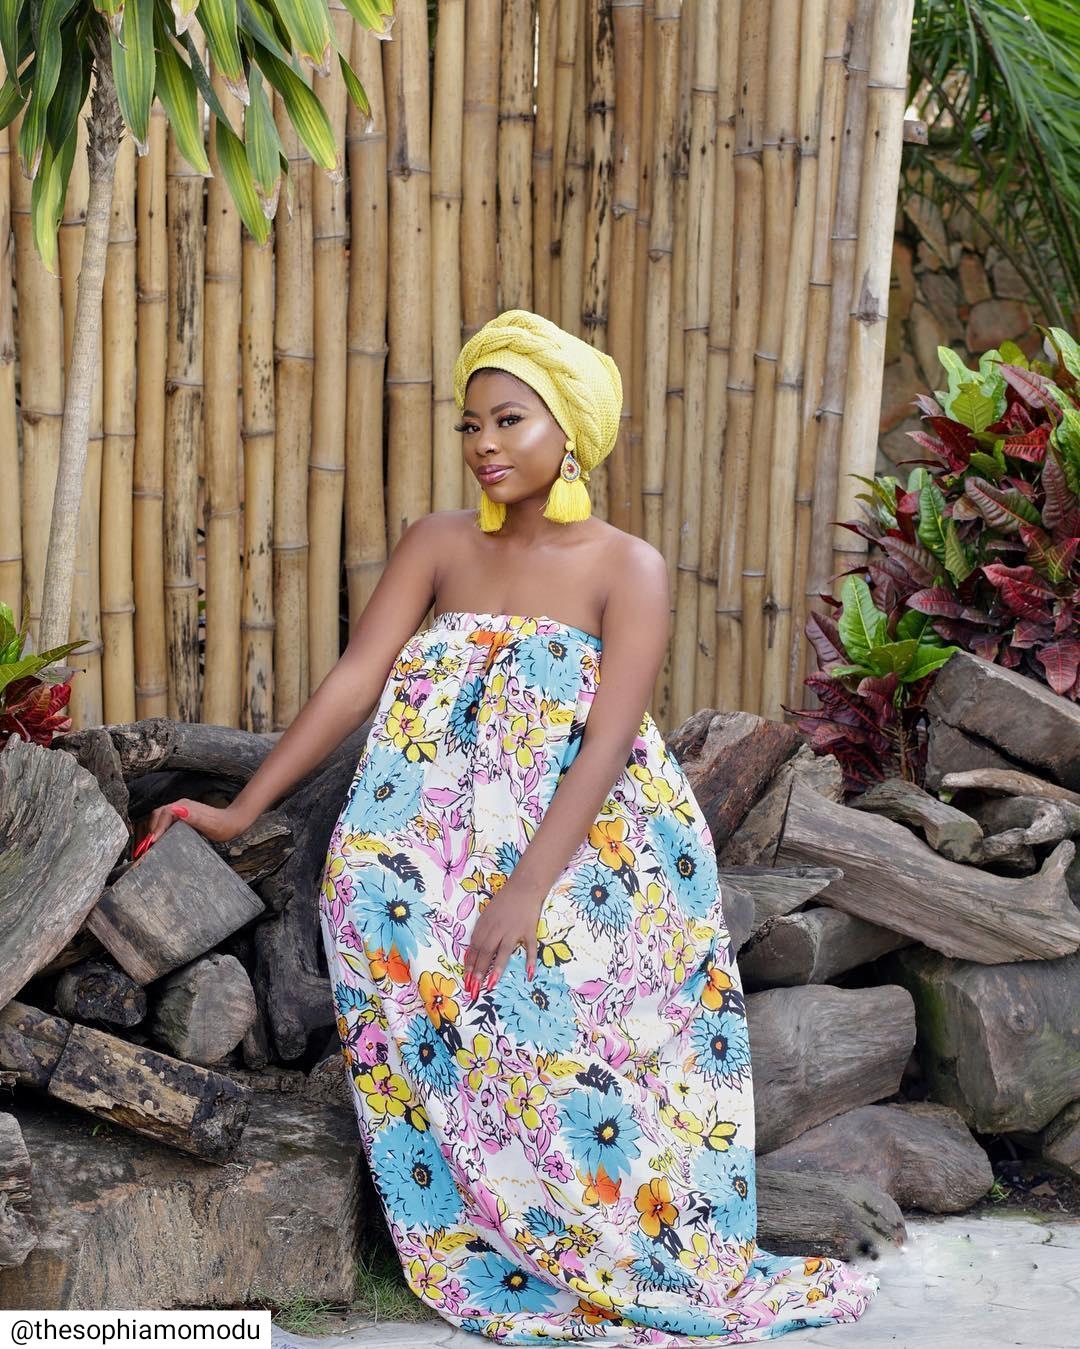 Sophia Momodu At The Nike Art Gallery (5)